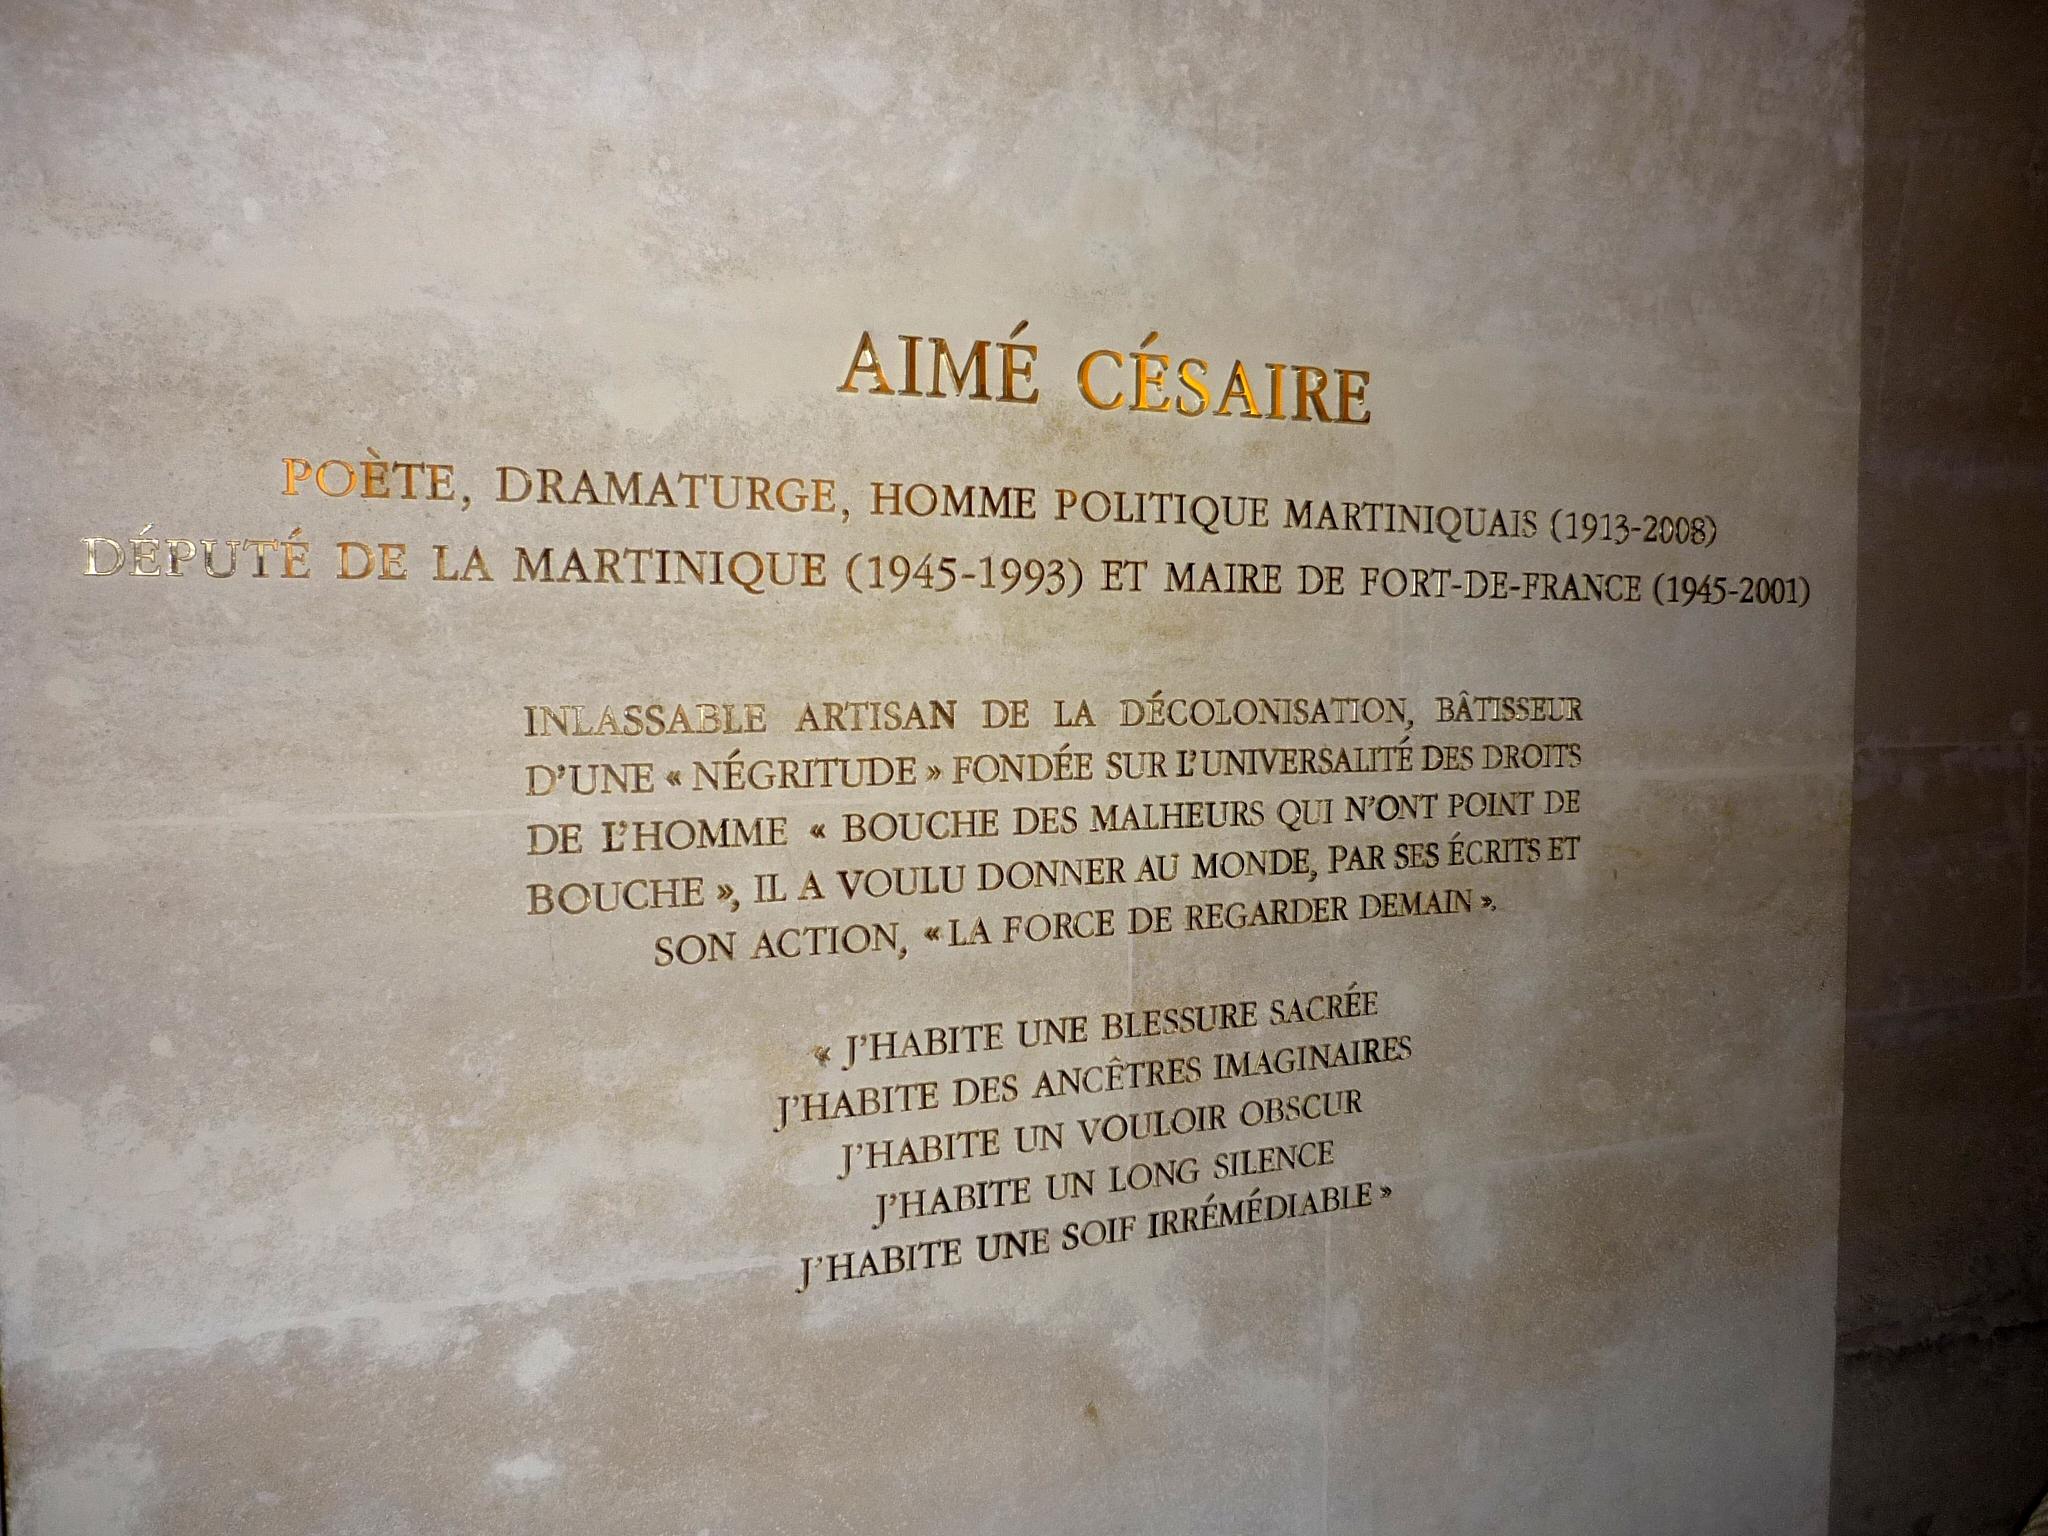 Photo Aimé Césaire via Opendata BNF